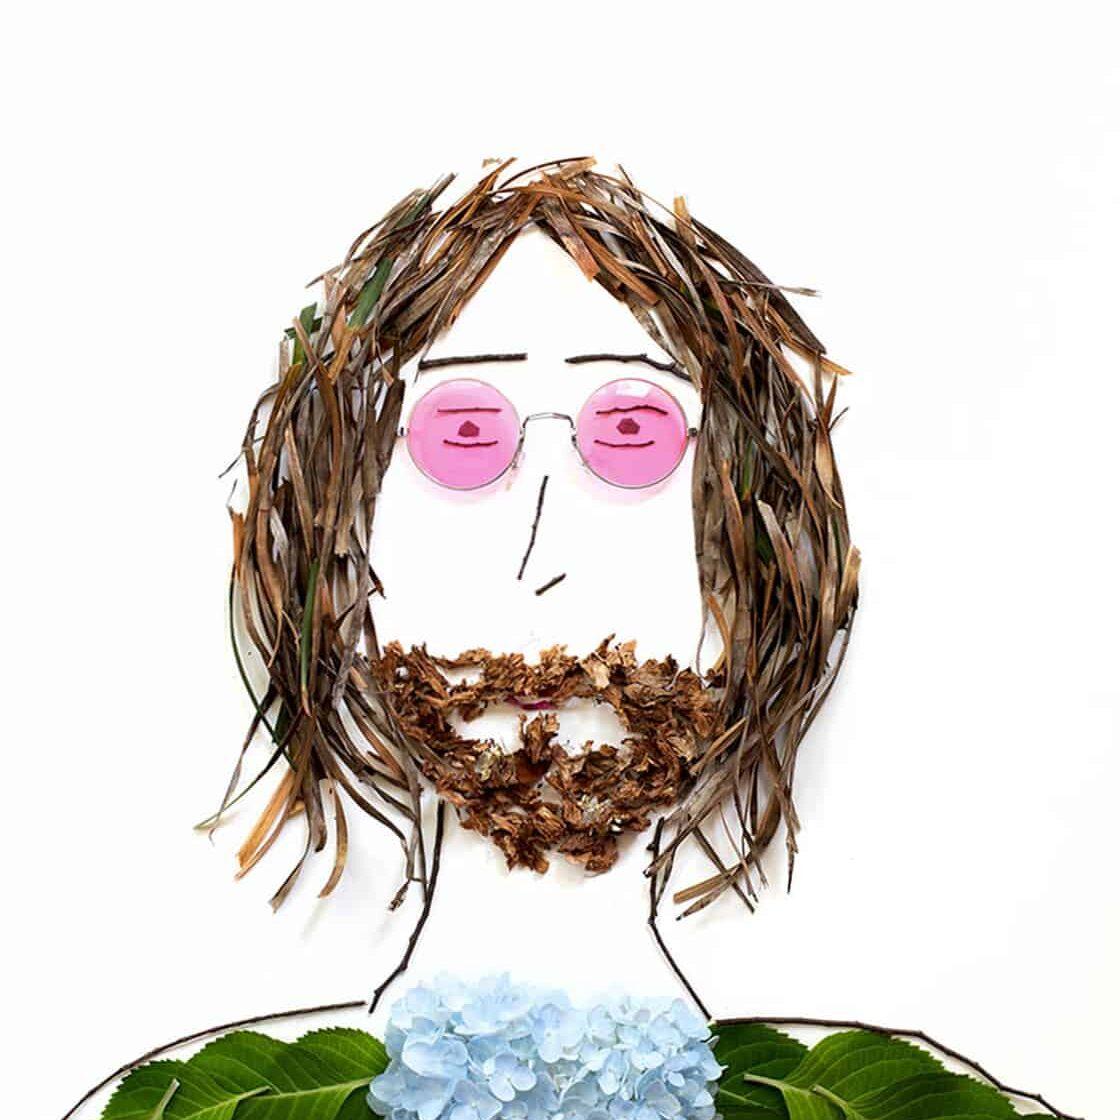 John_Lennon_EDIT_400dpi_8x10